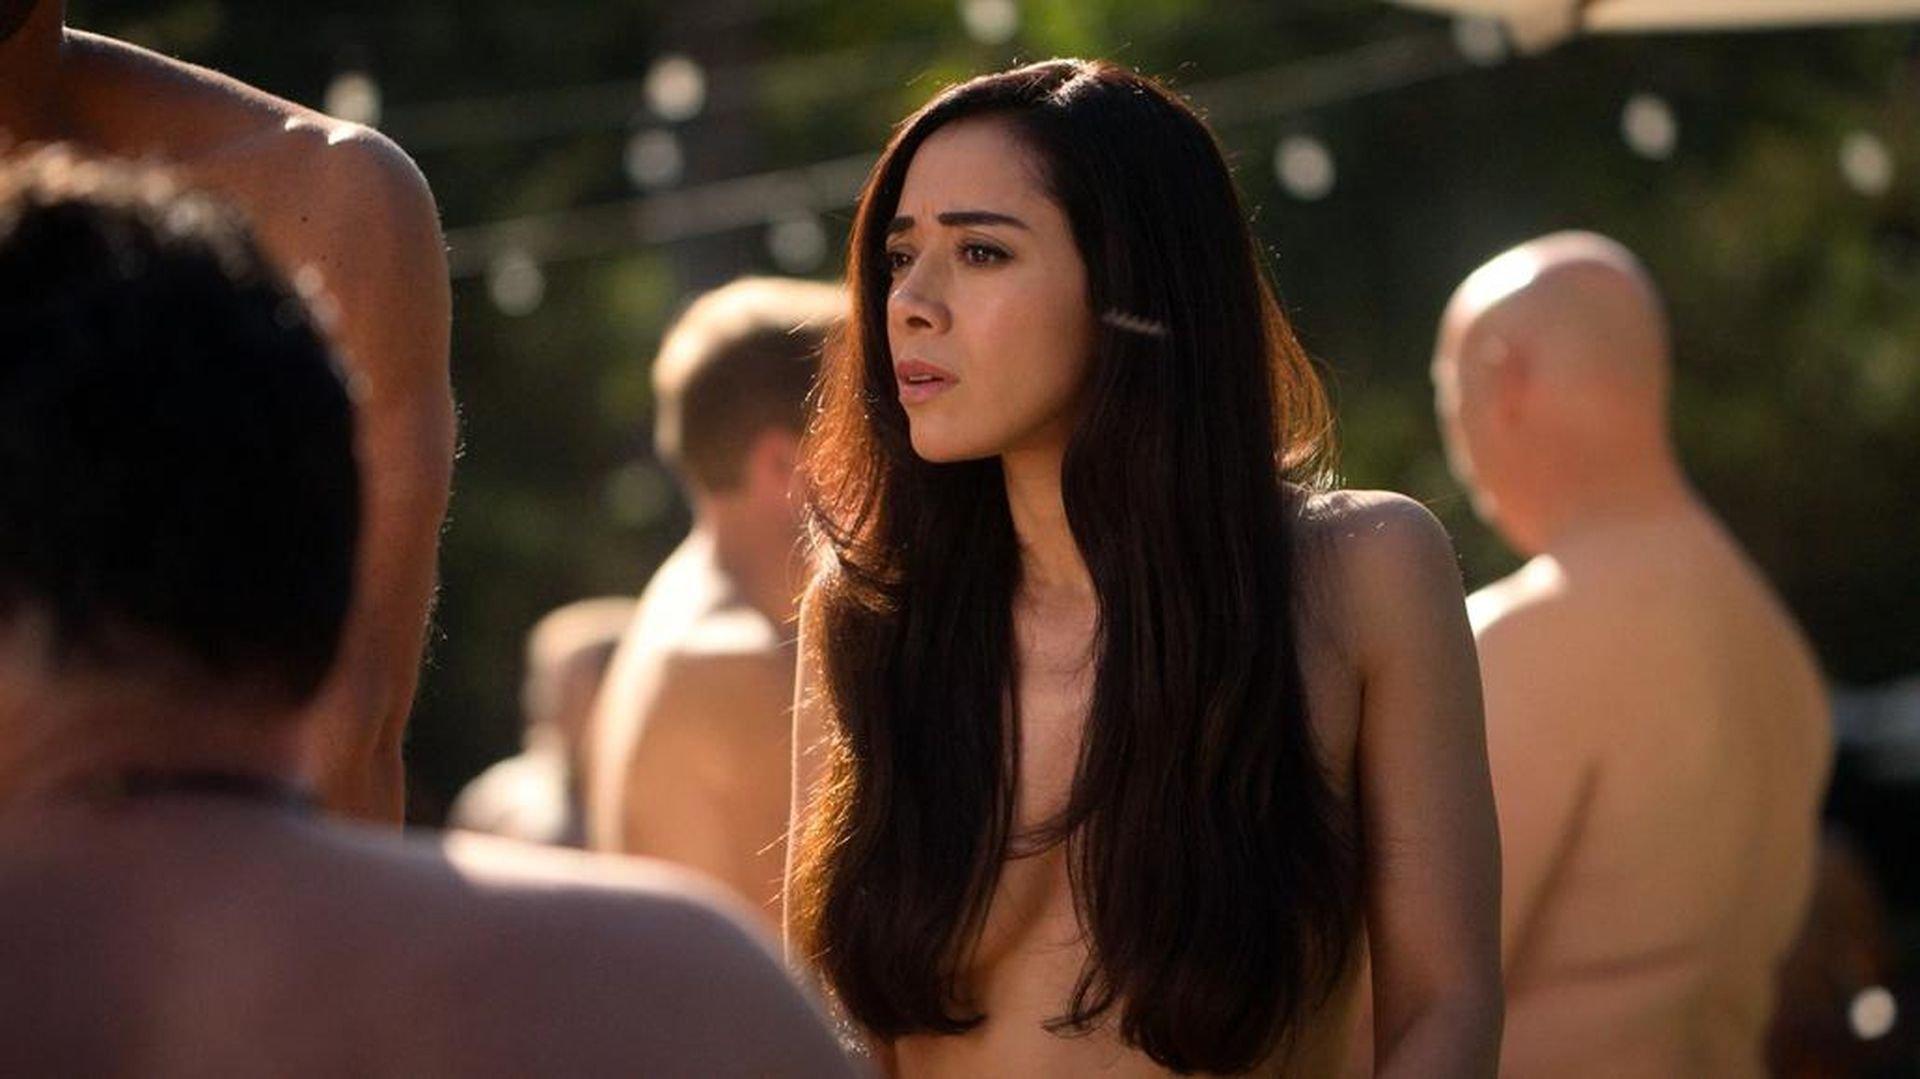 aimee garcia nude